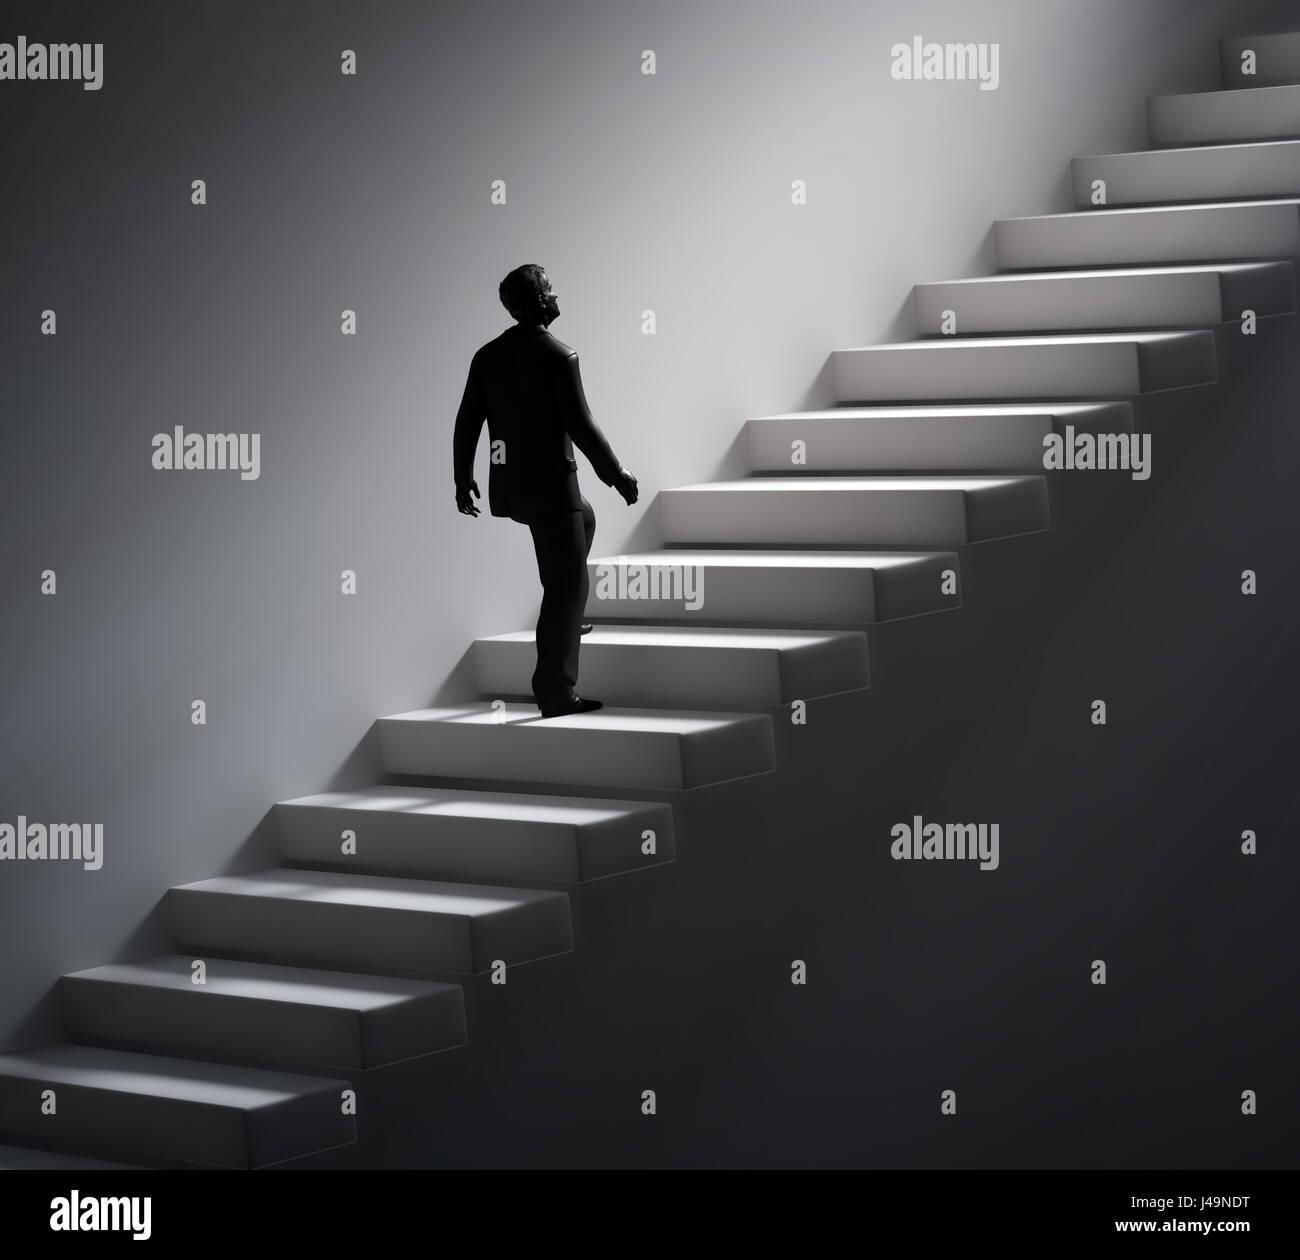 Hombre caminando por las escaleras hacia la luz - Ilustración 3d Imagen De Stock